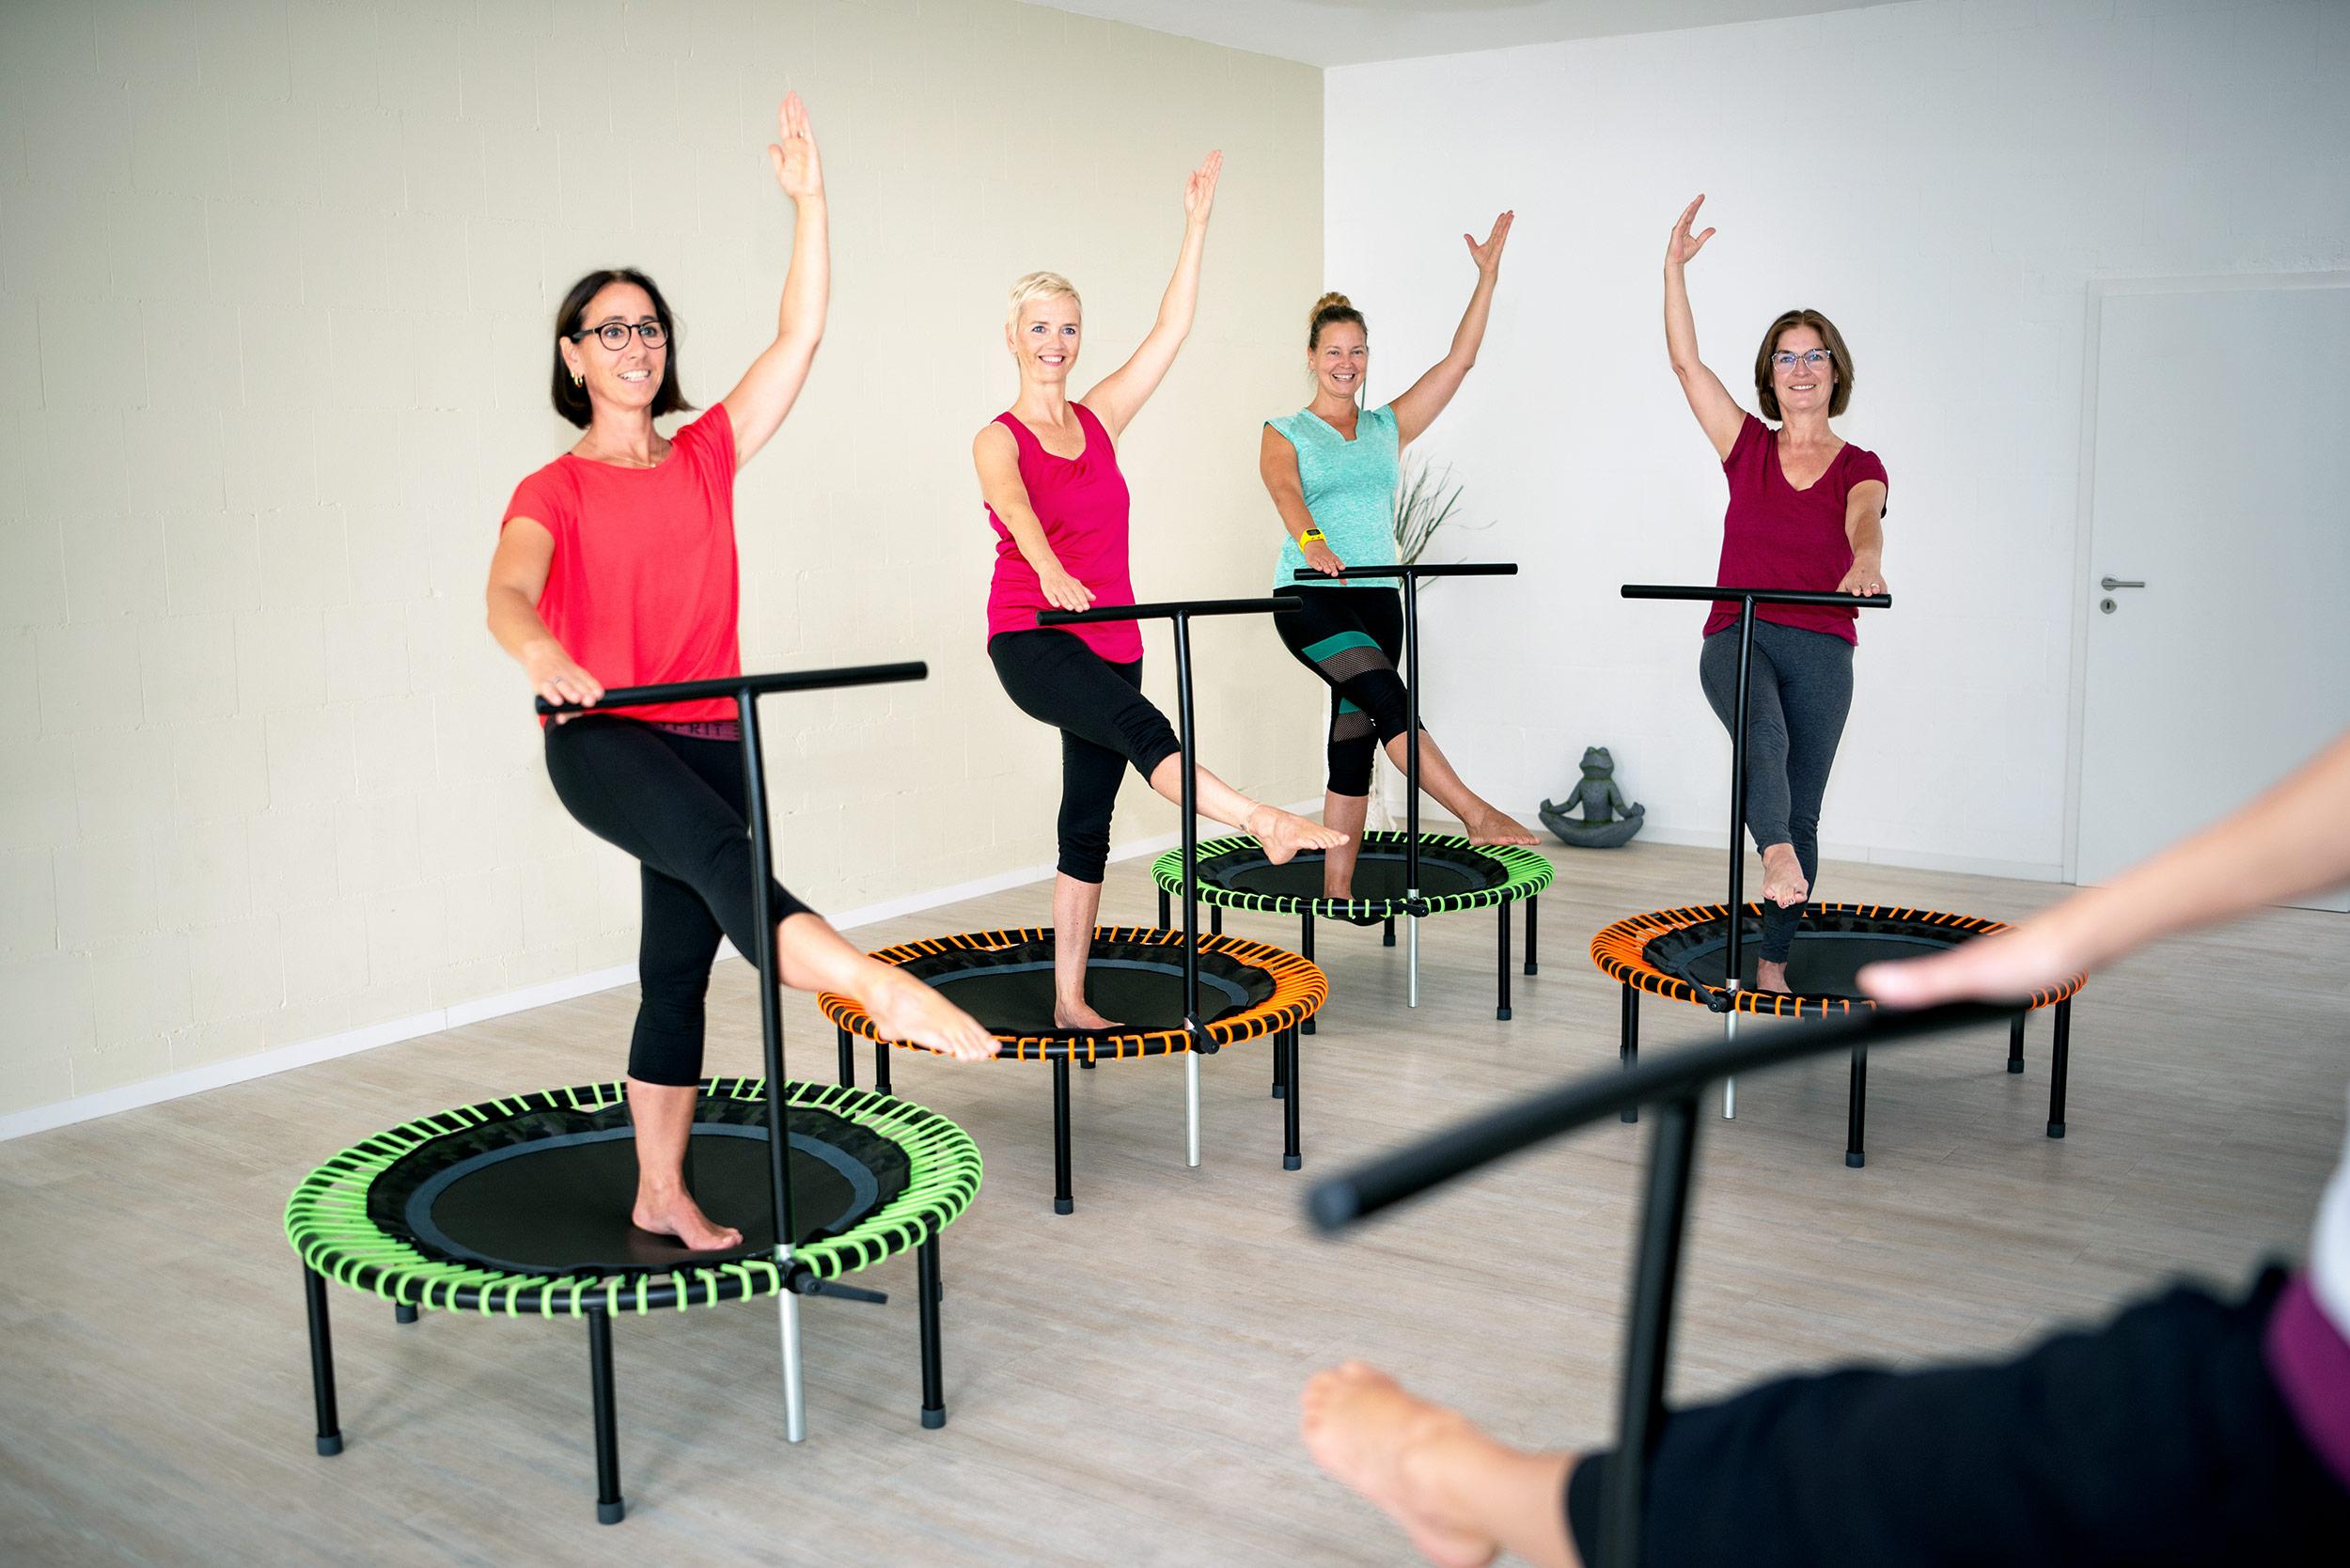 bellicon® Training - Stärke dein Herz-Kreislauf-System, kräftige sämtliche Muskeln und aktiviere deinen Stoffwechsel bei bester Laune und einer Menge Spaß auf dem bellicon.MEHR ERFAHREN ➝